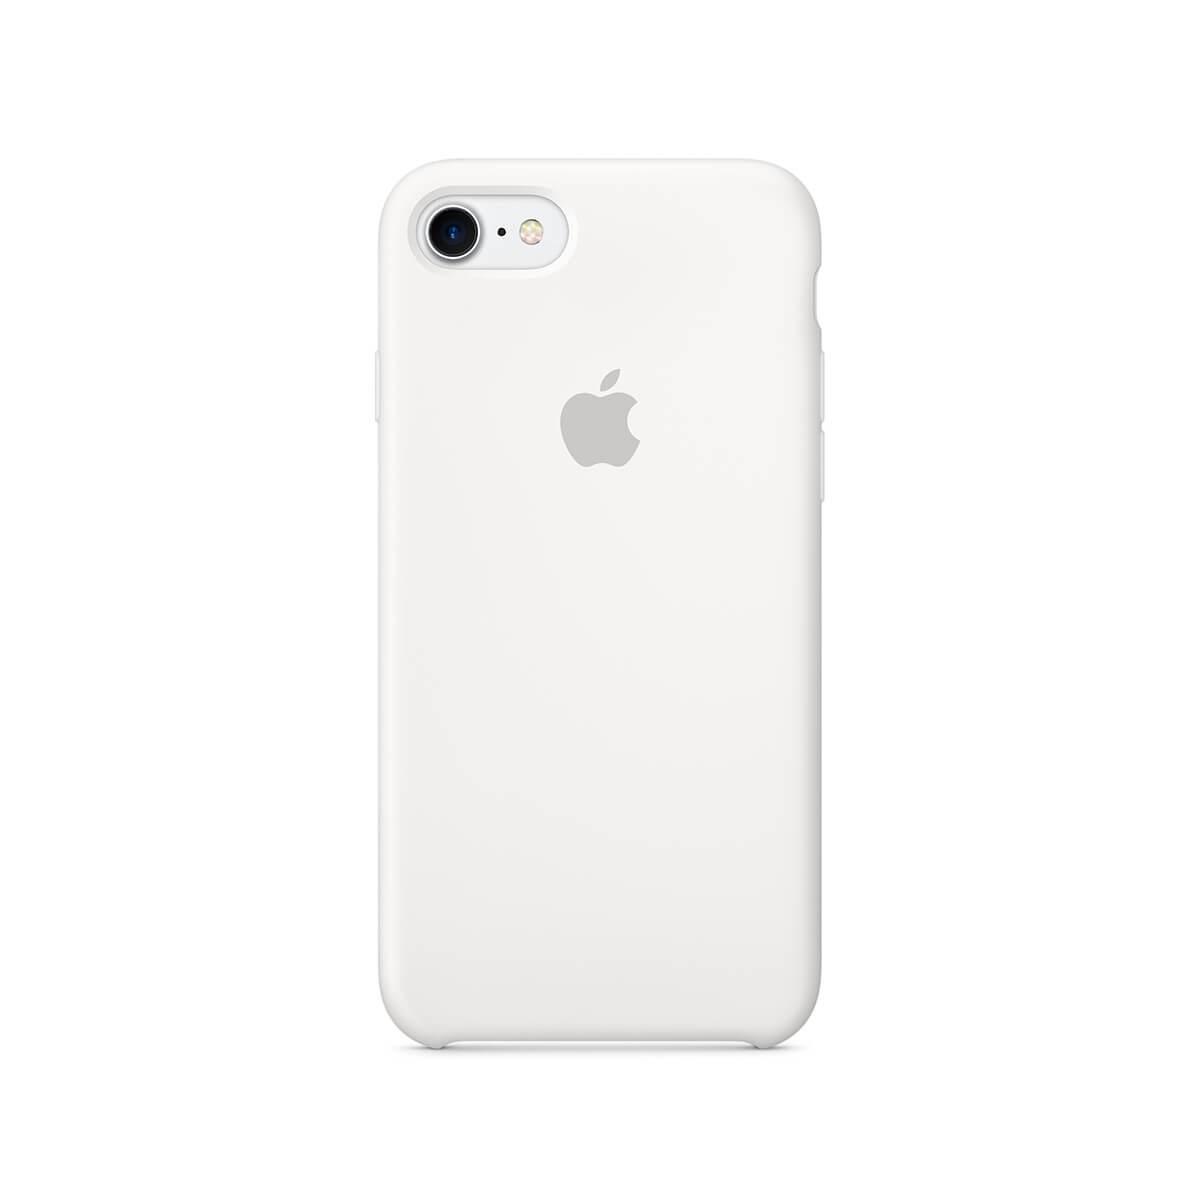 Apple silikonový kryt na iPhone 7 – bílý